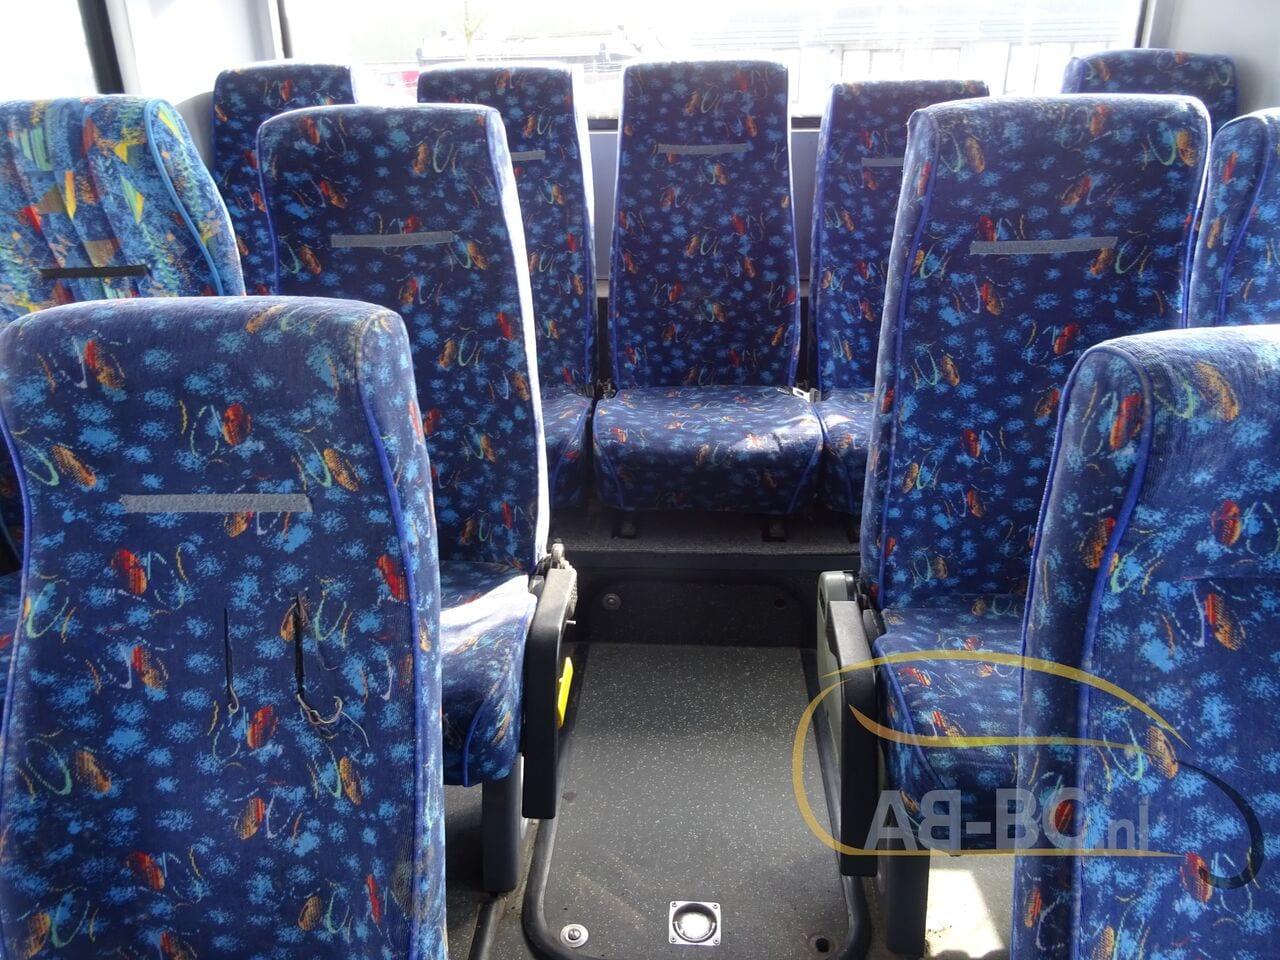 coach-busTEMSA-Safari-RD-65-Seats---1620312020473979014_big_a7615a12f8031b8a96deea19e4c352e4--21050617272795316700